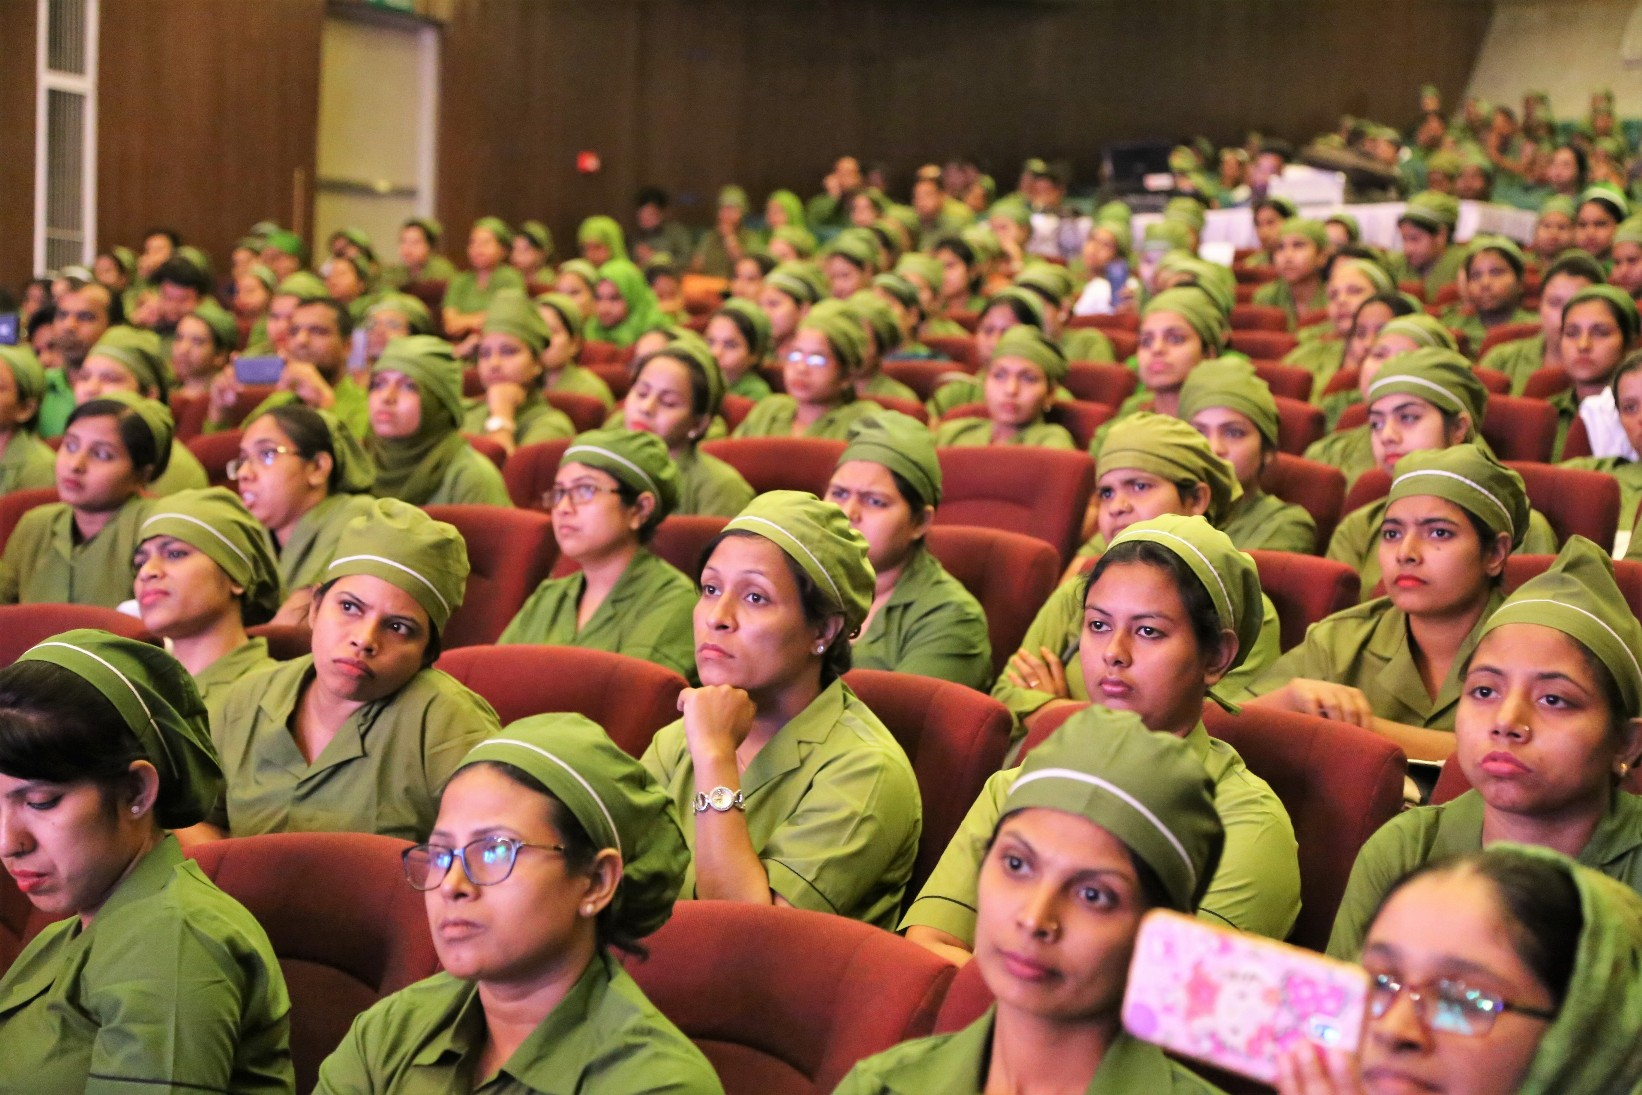 Cowater International et ses partenaires soutiendront l'autonomisation des femmes au Bangladesh par la professionnalisation du secteur infirmier